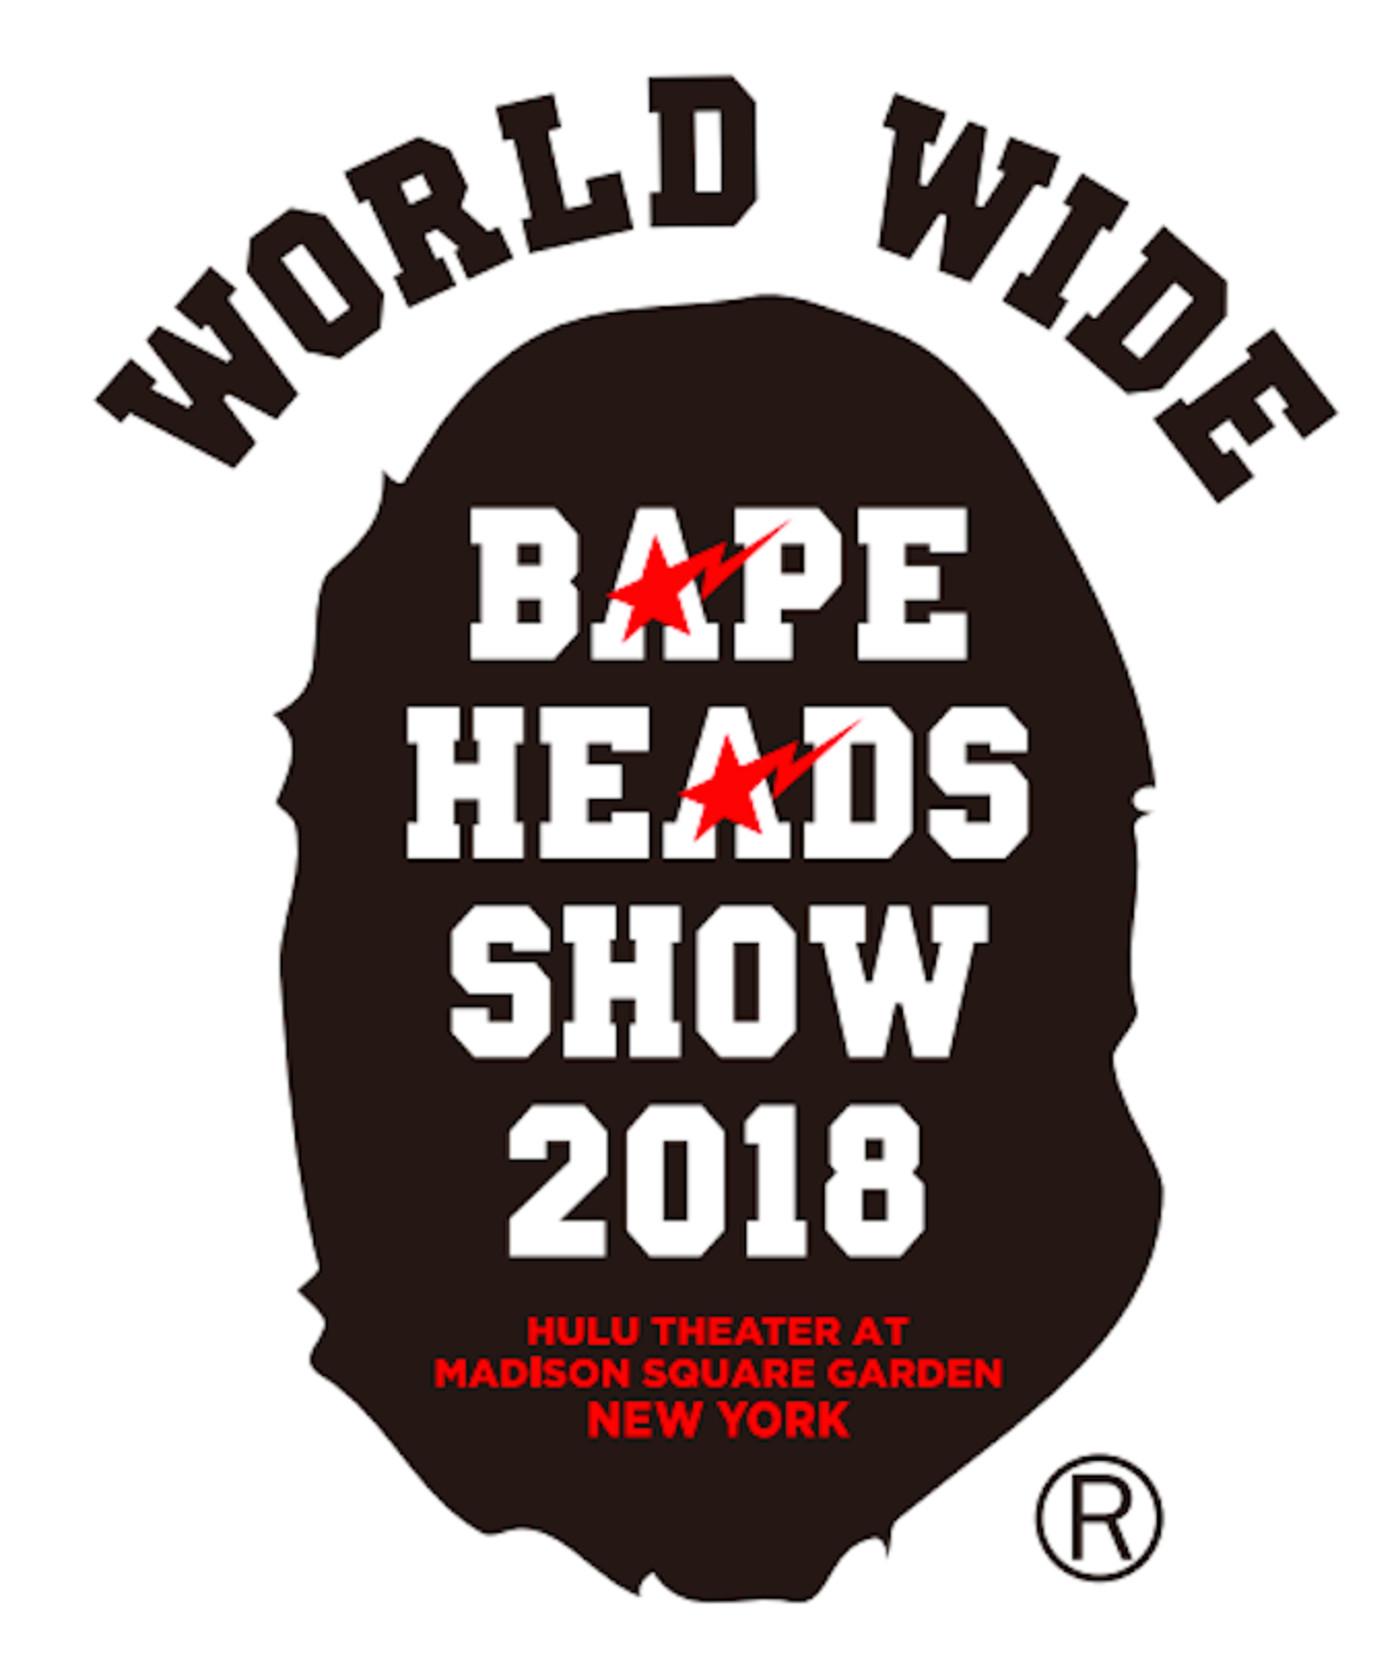 BAPE HEADS 2018